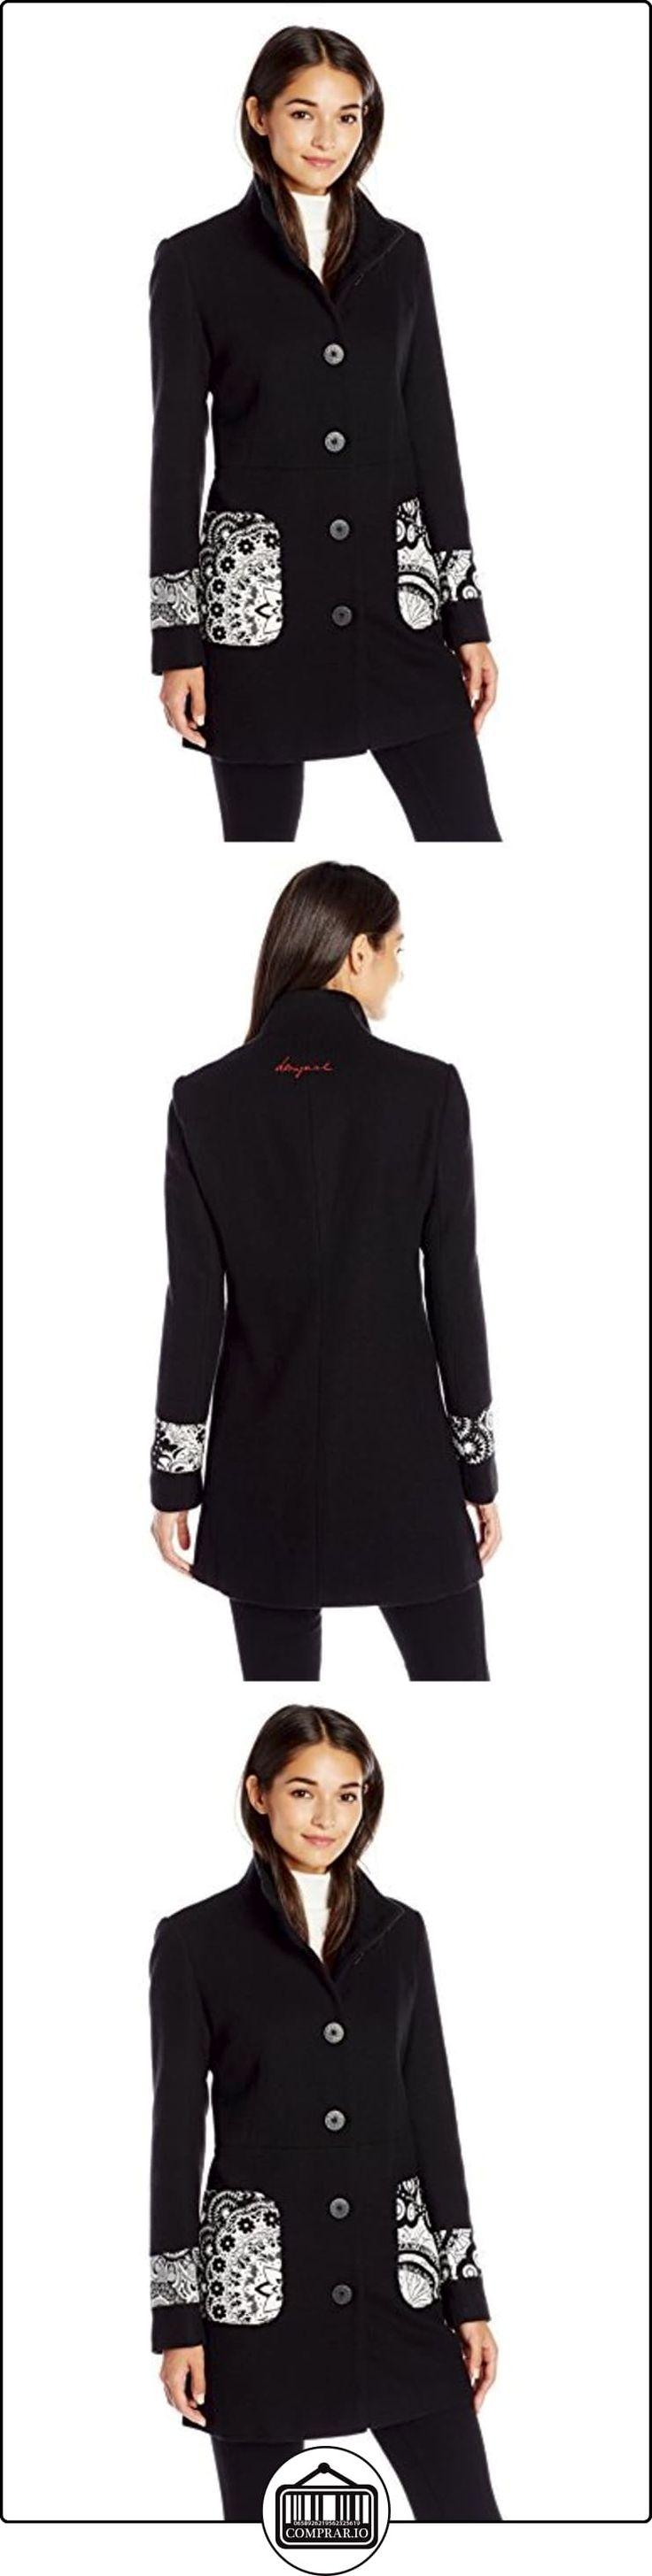 Desigual damen mantel abrig_marian